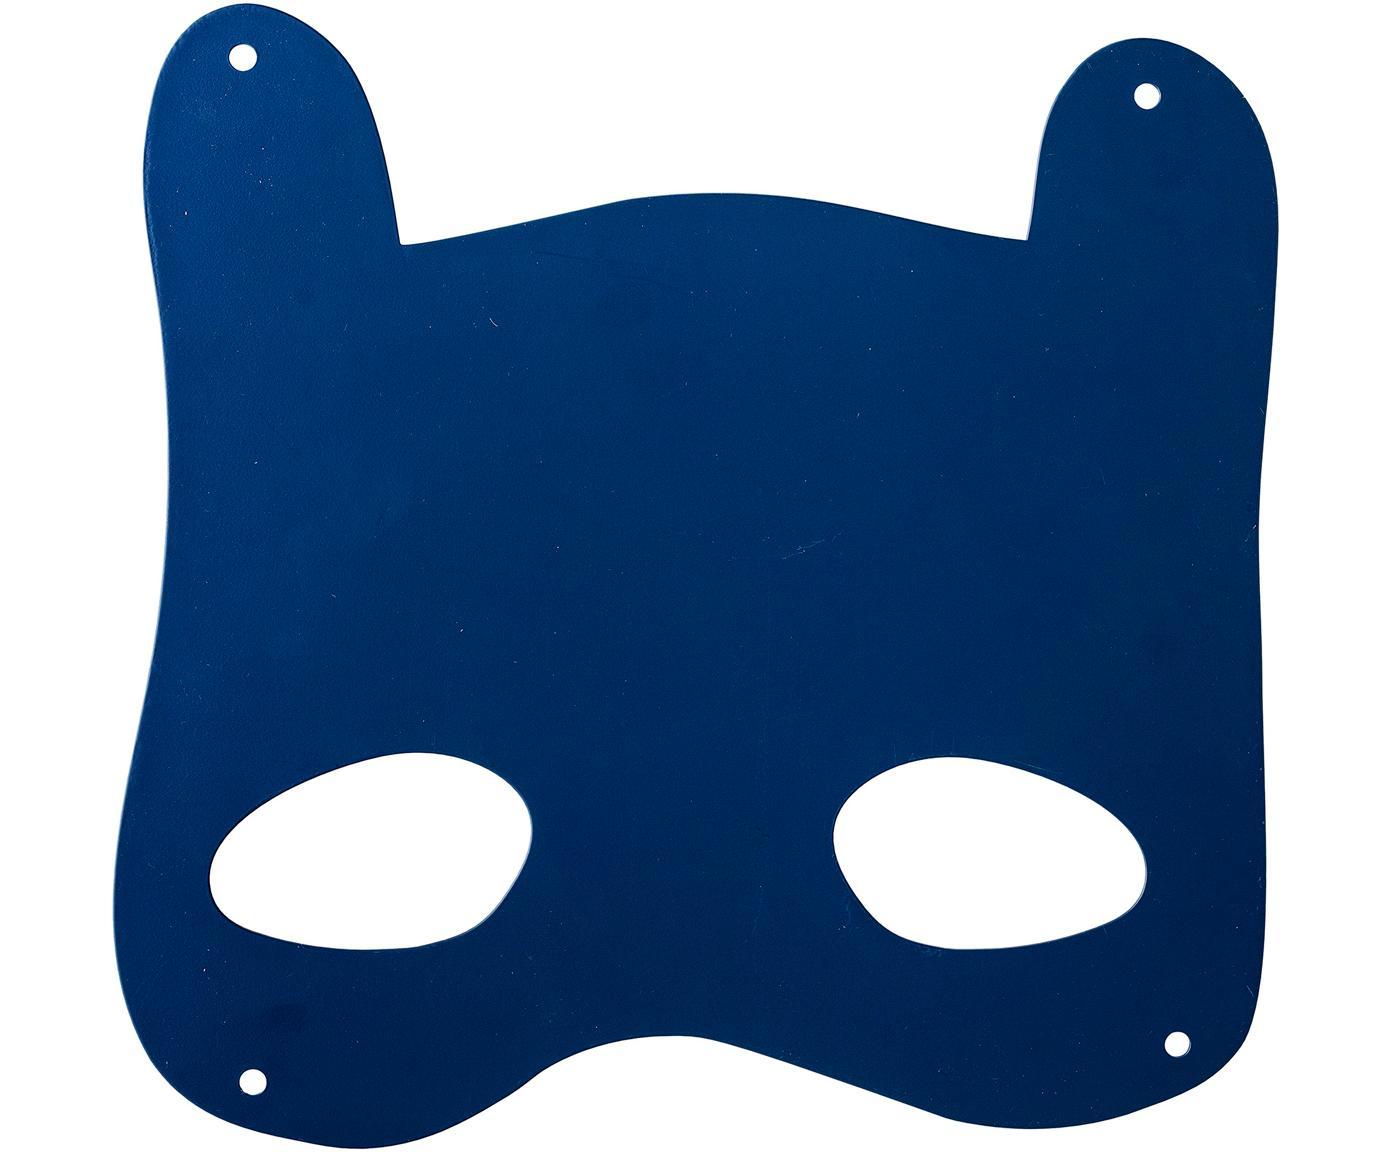 Magnetwand Mask, Metall, beschichtet, Blau, 33 x 31 cm